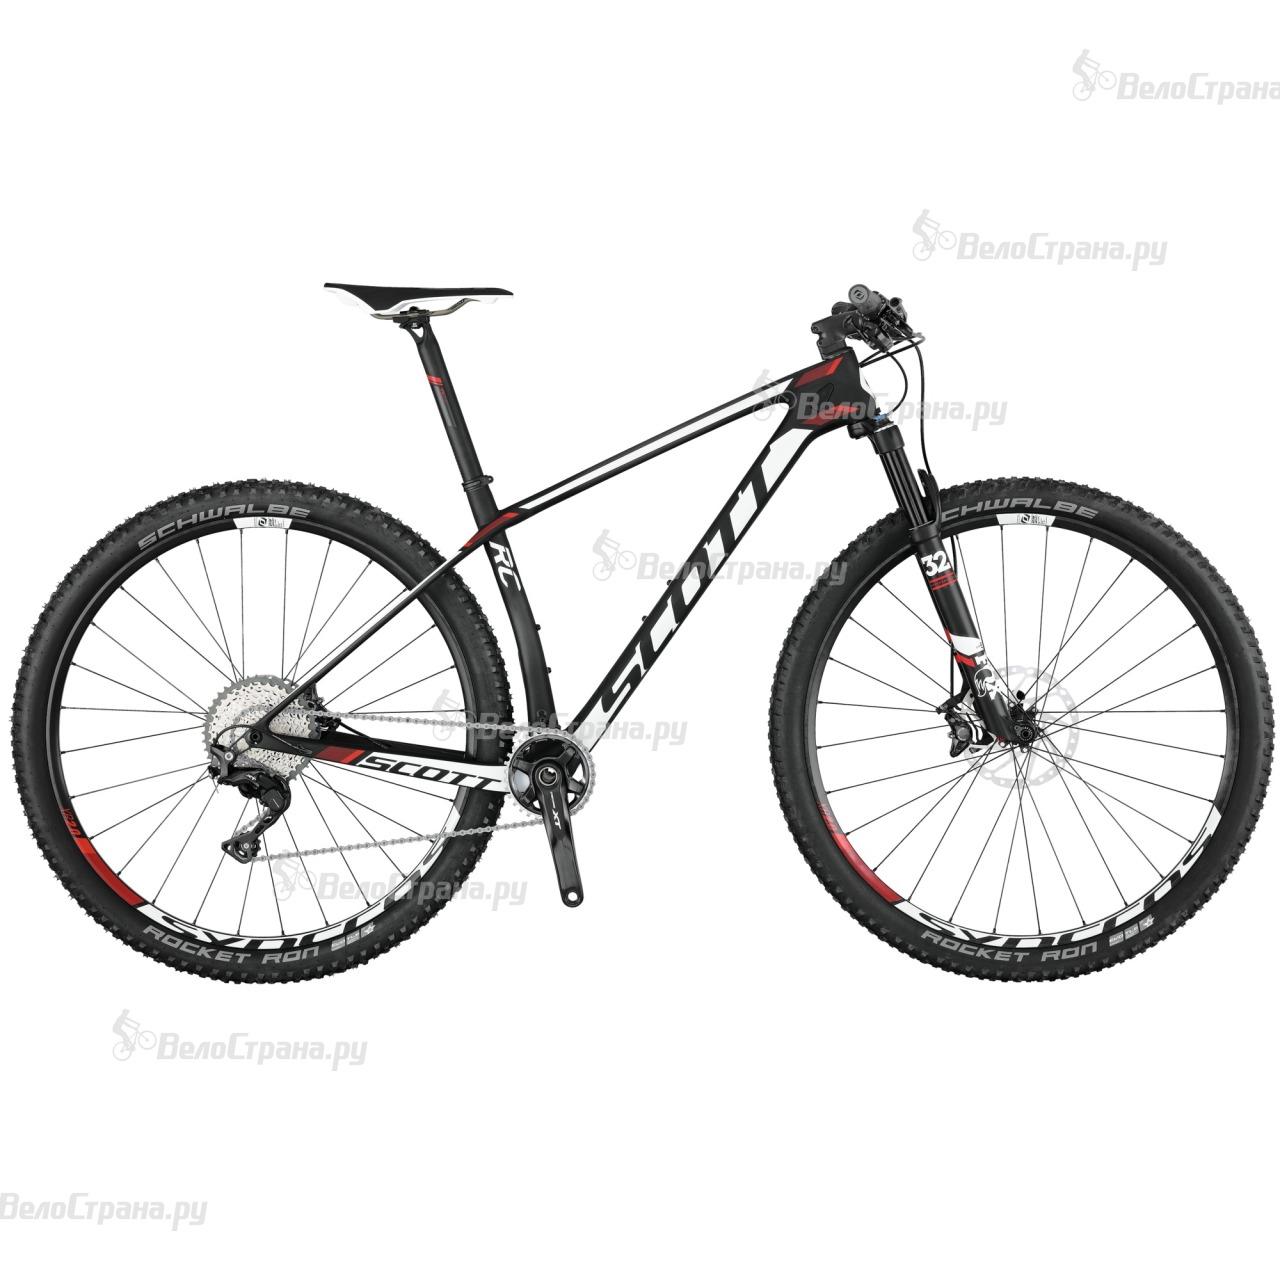 Велосипед Scott Scale RC 700 Pro (2017)